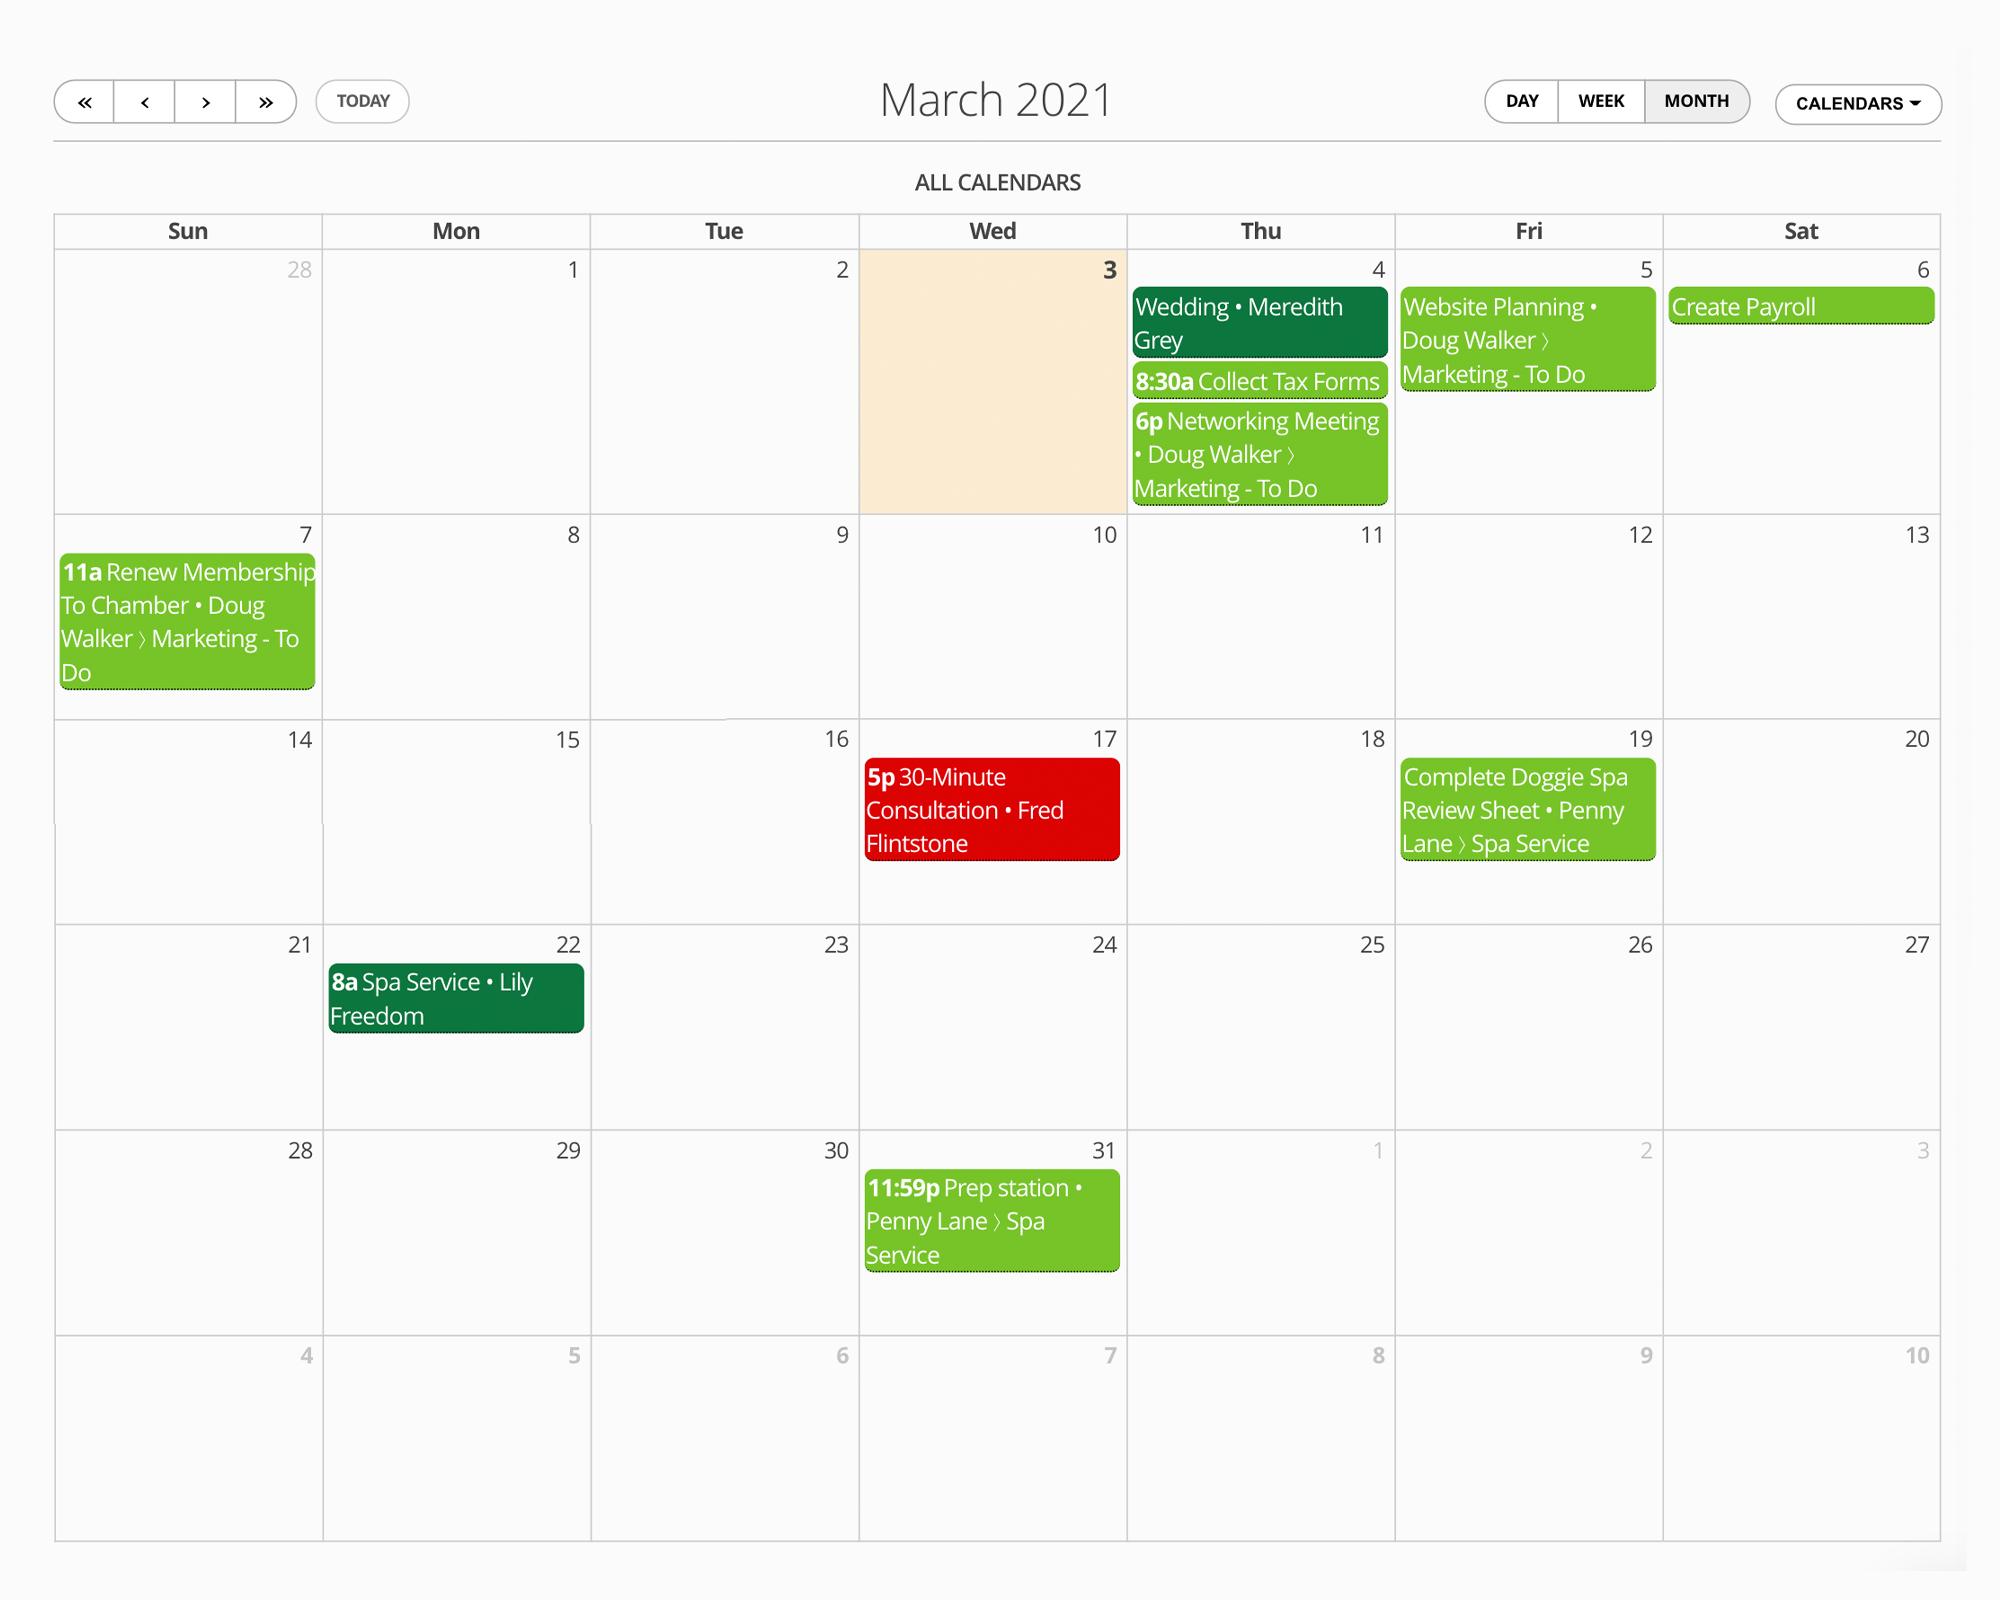 17hats Calendar